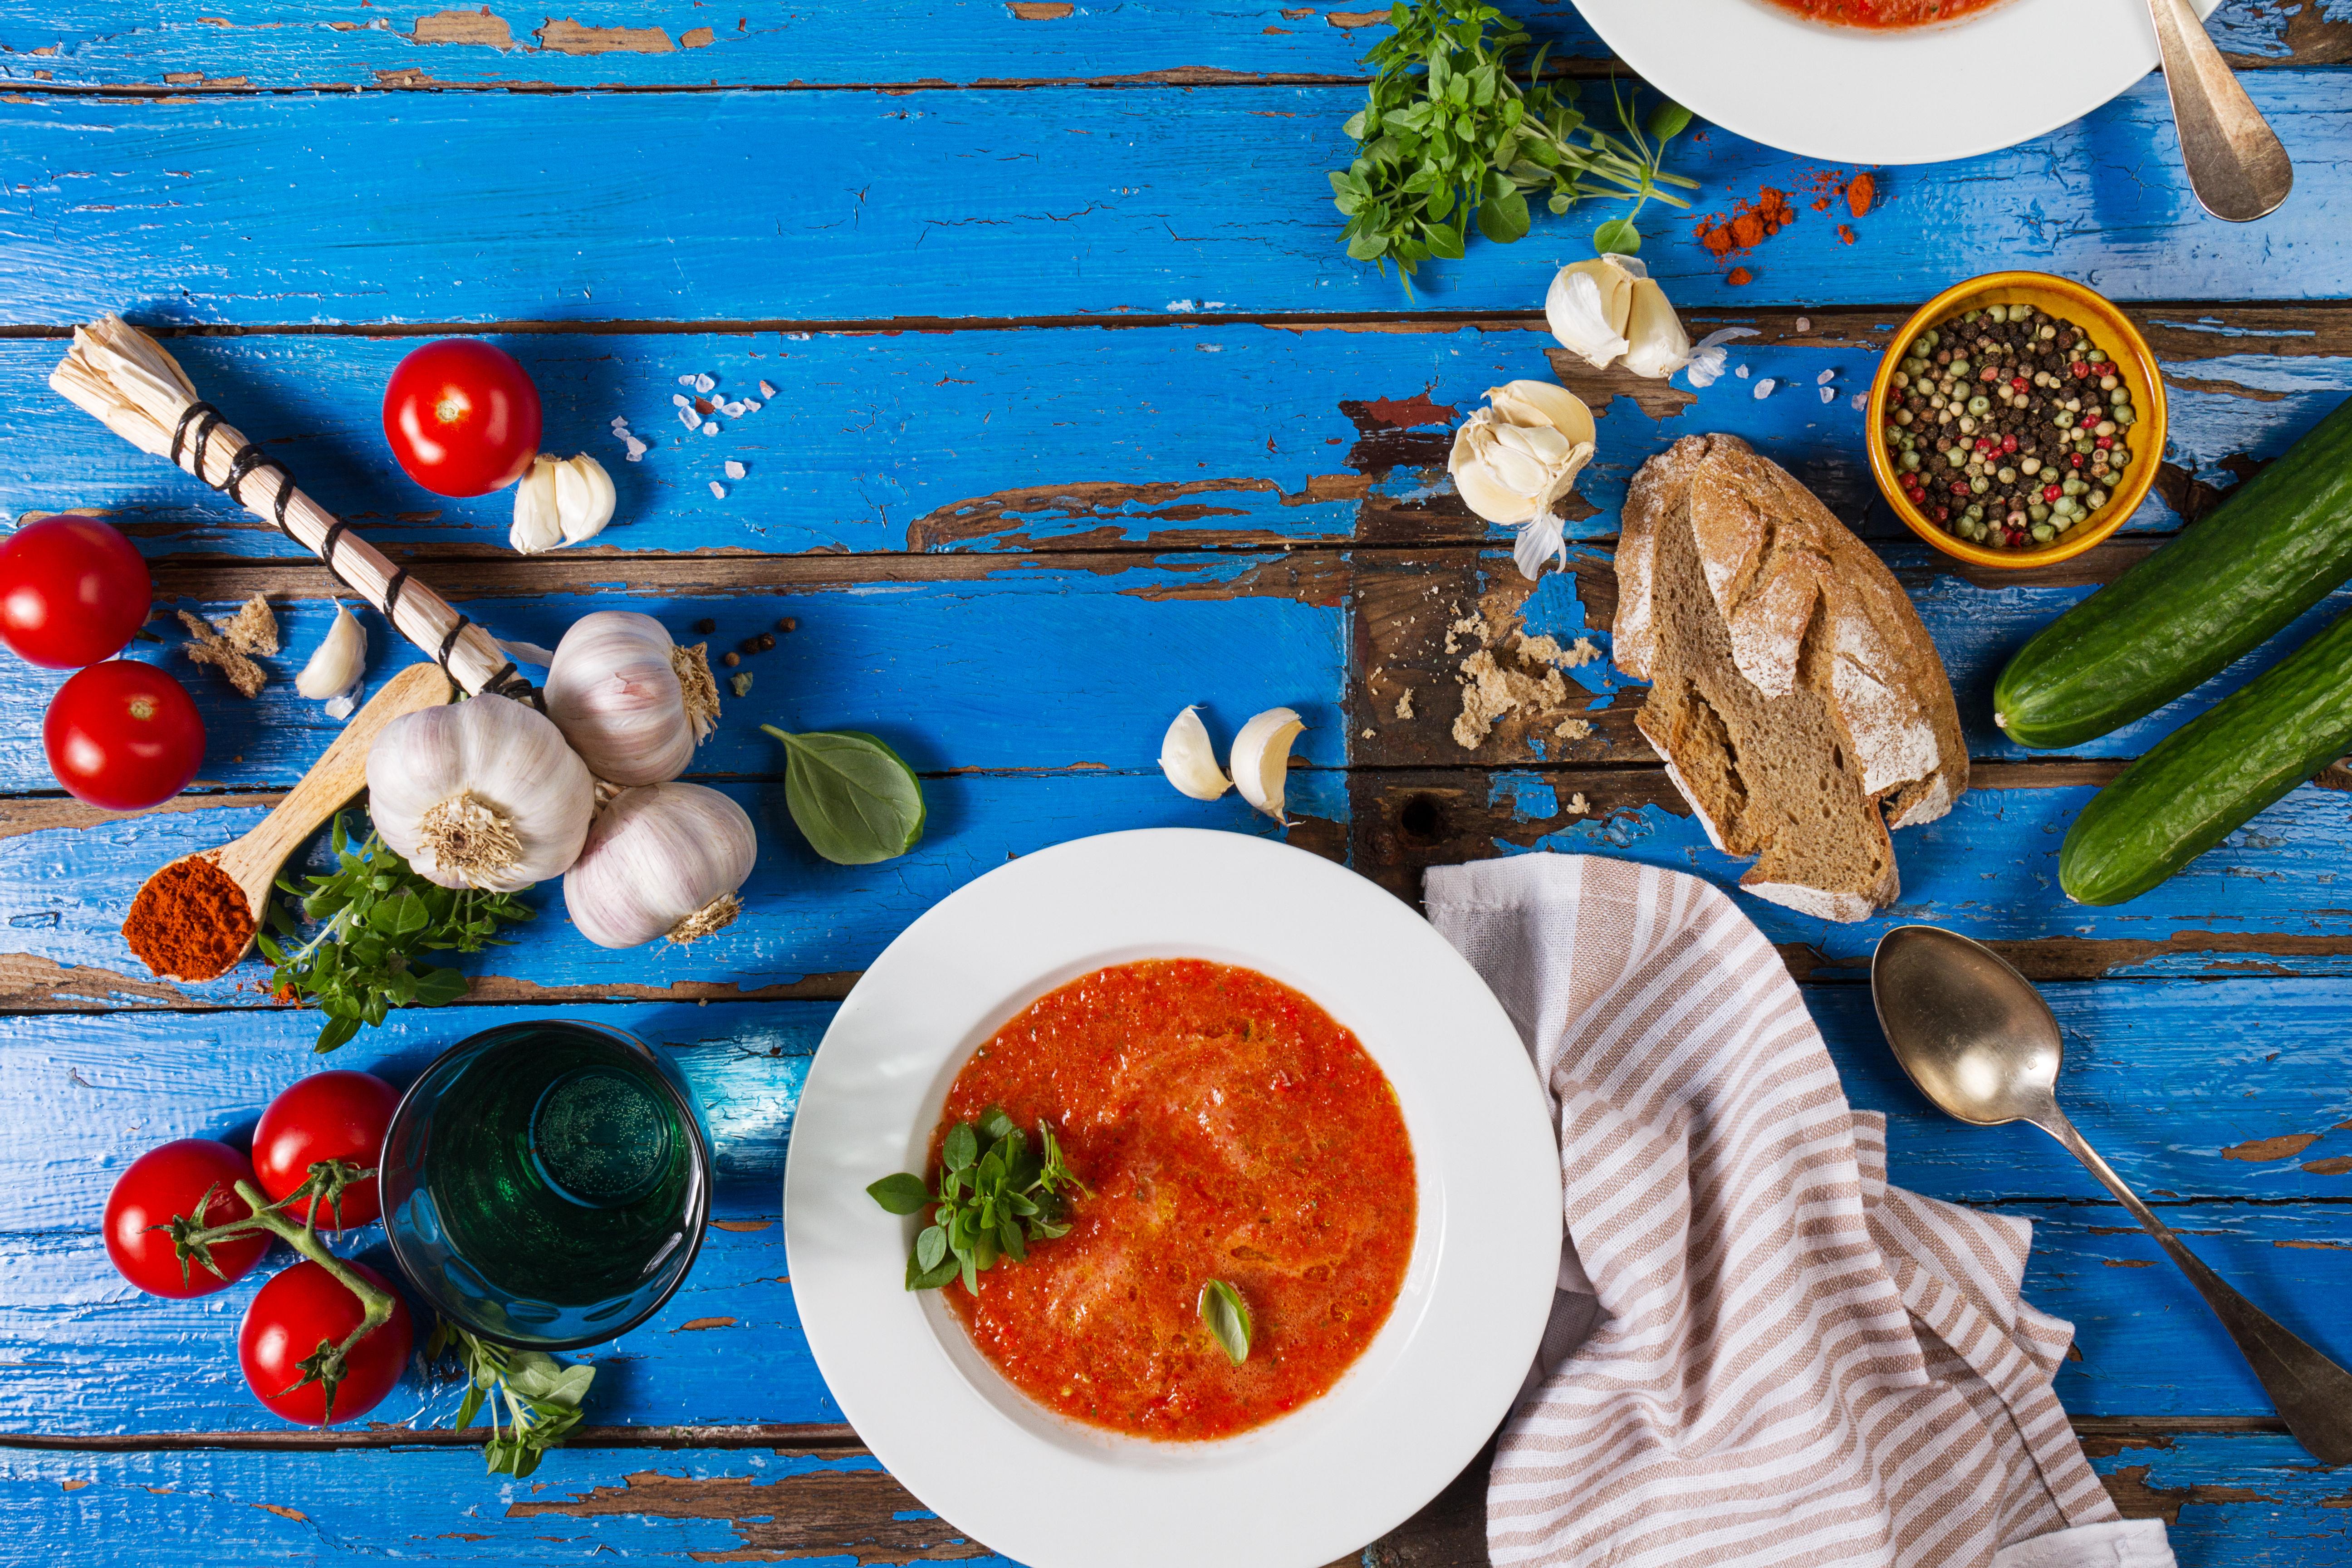 shutterstock_662076118 veckans recept mat och hitta fler matrecept gazpacho matlycka happy food soppa.jpg